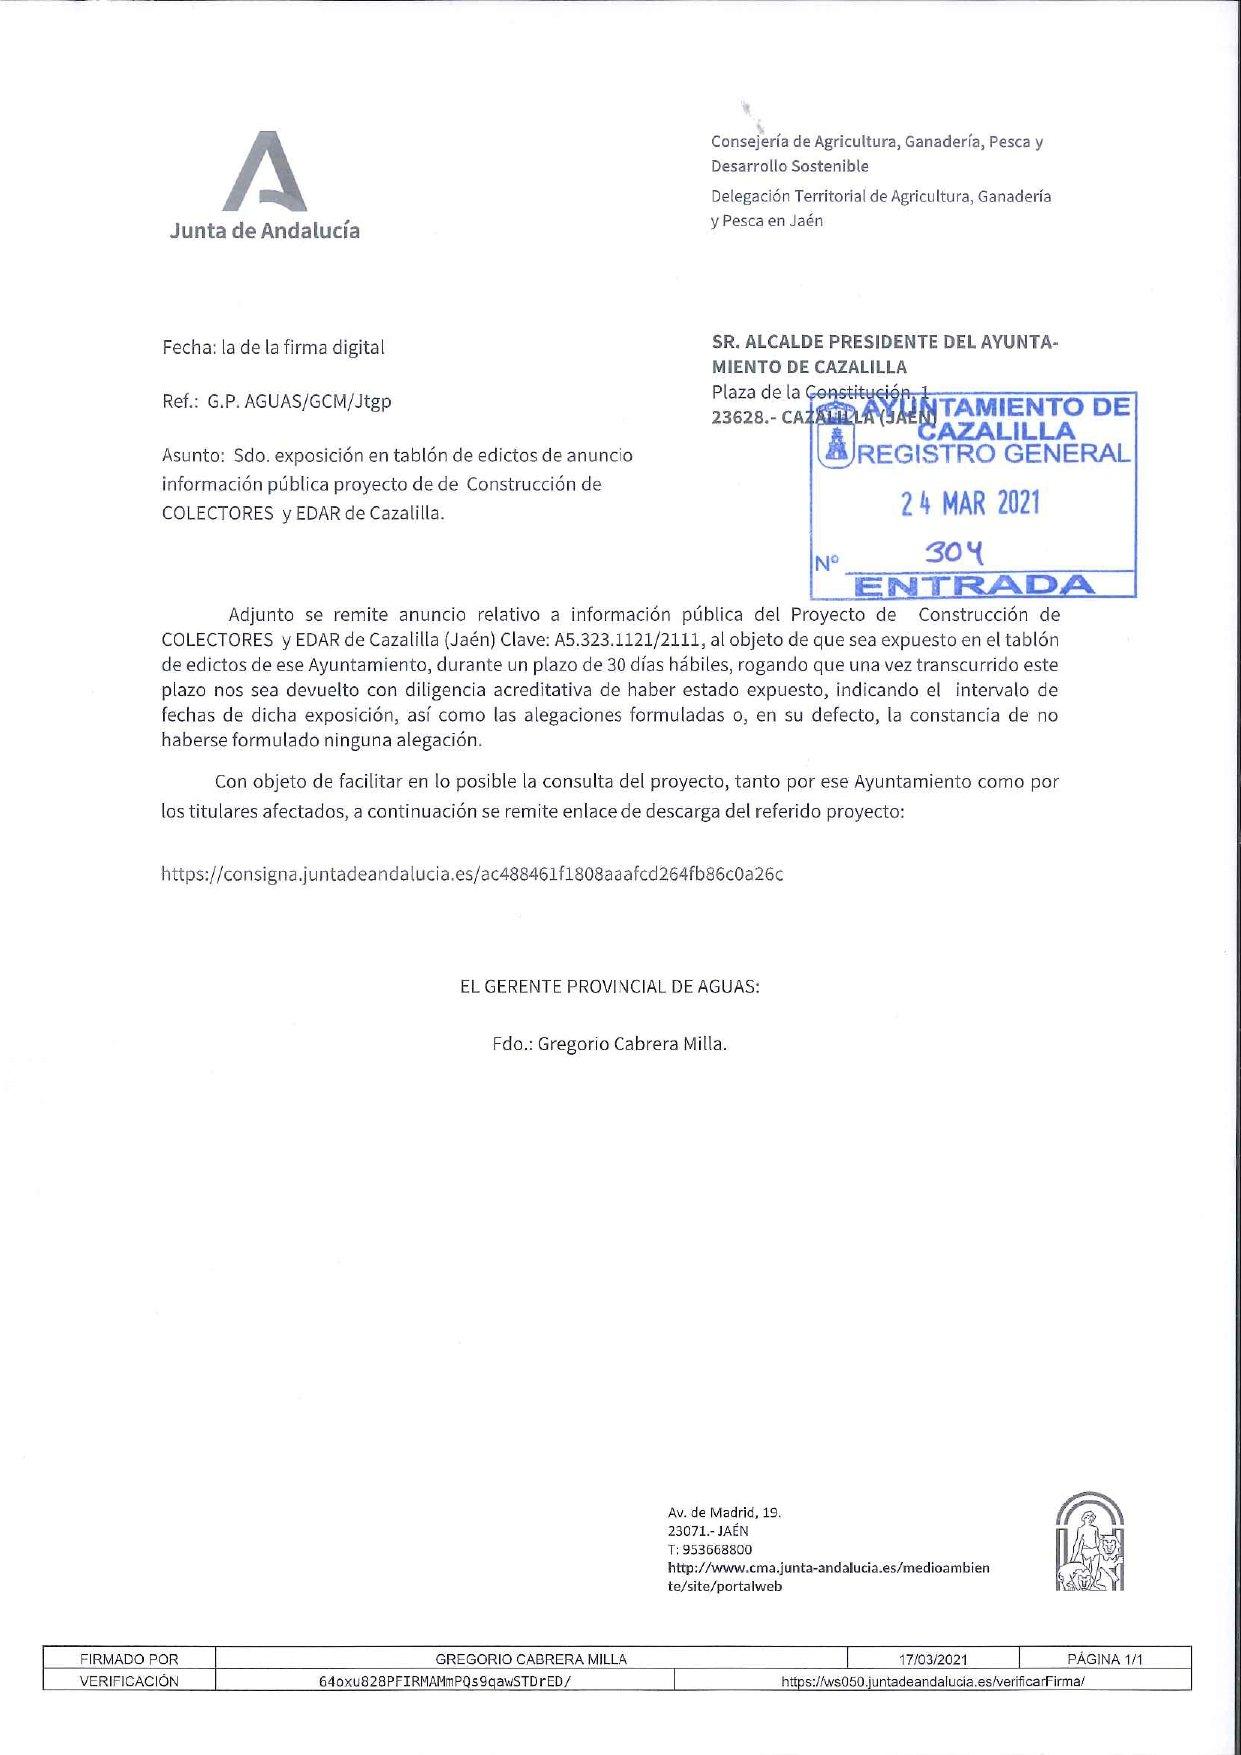 Proyecto de Construcción de COLECTORES y EDAR de Cazalilla